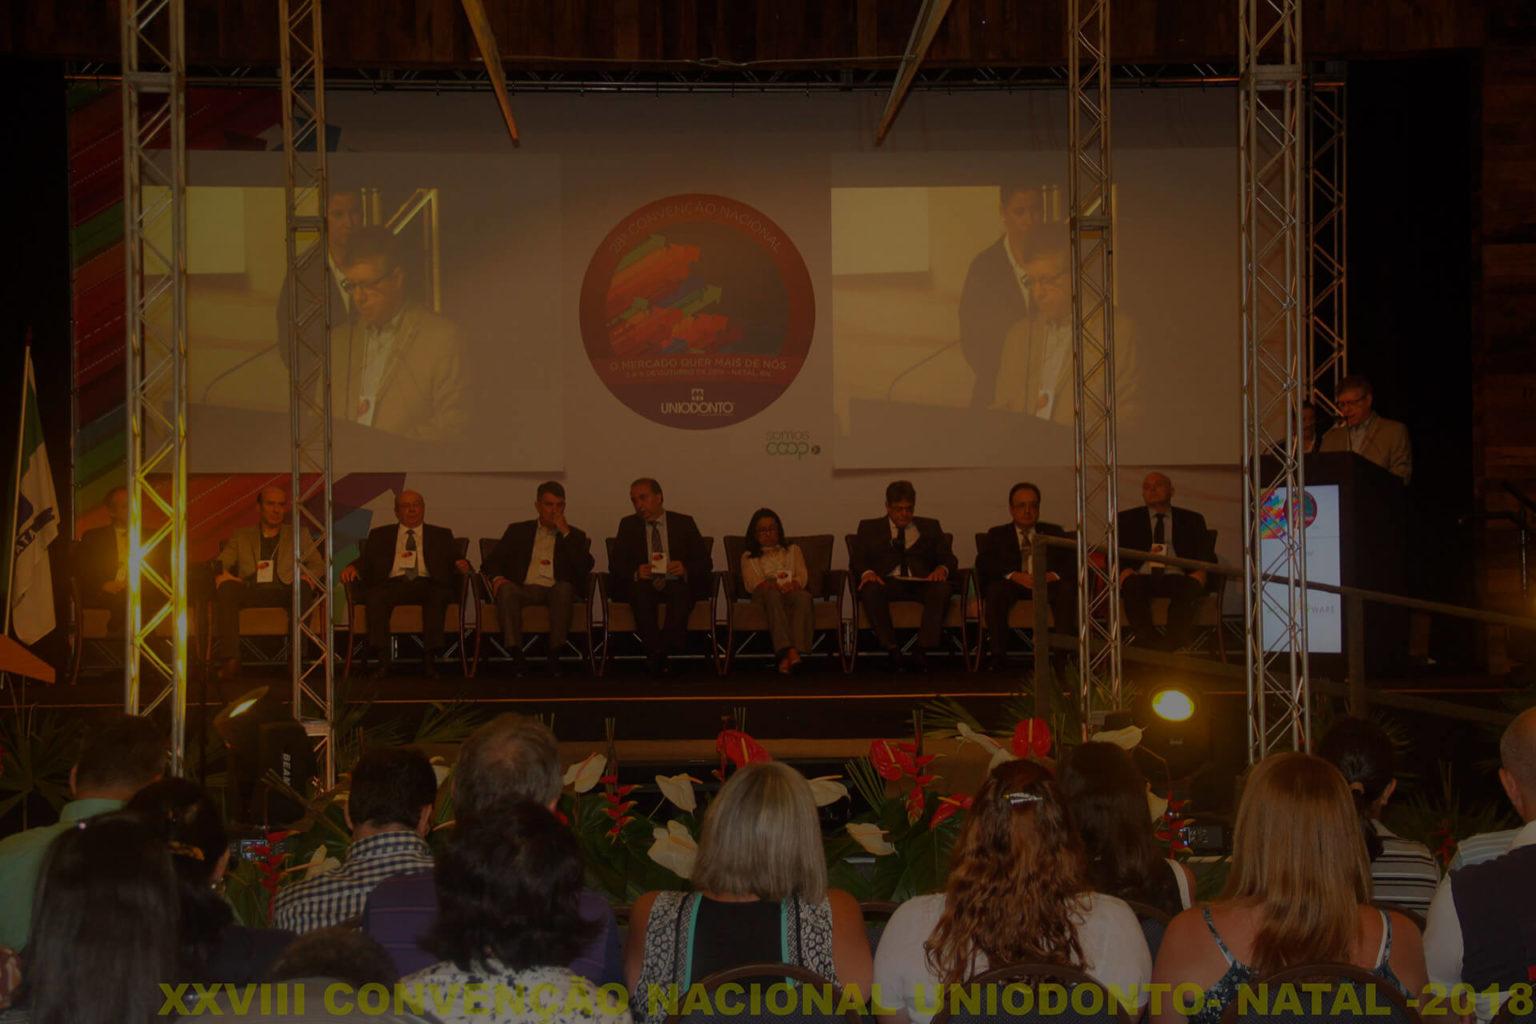 Em meio a cenário desafiador para o mercado de planos odontológicos, Uniodonto do Brasil abre sua 28ª Convenção Nacional